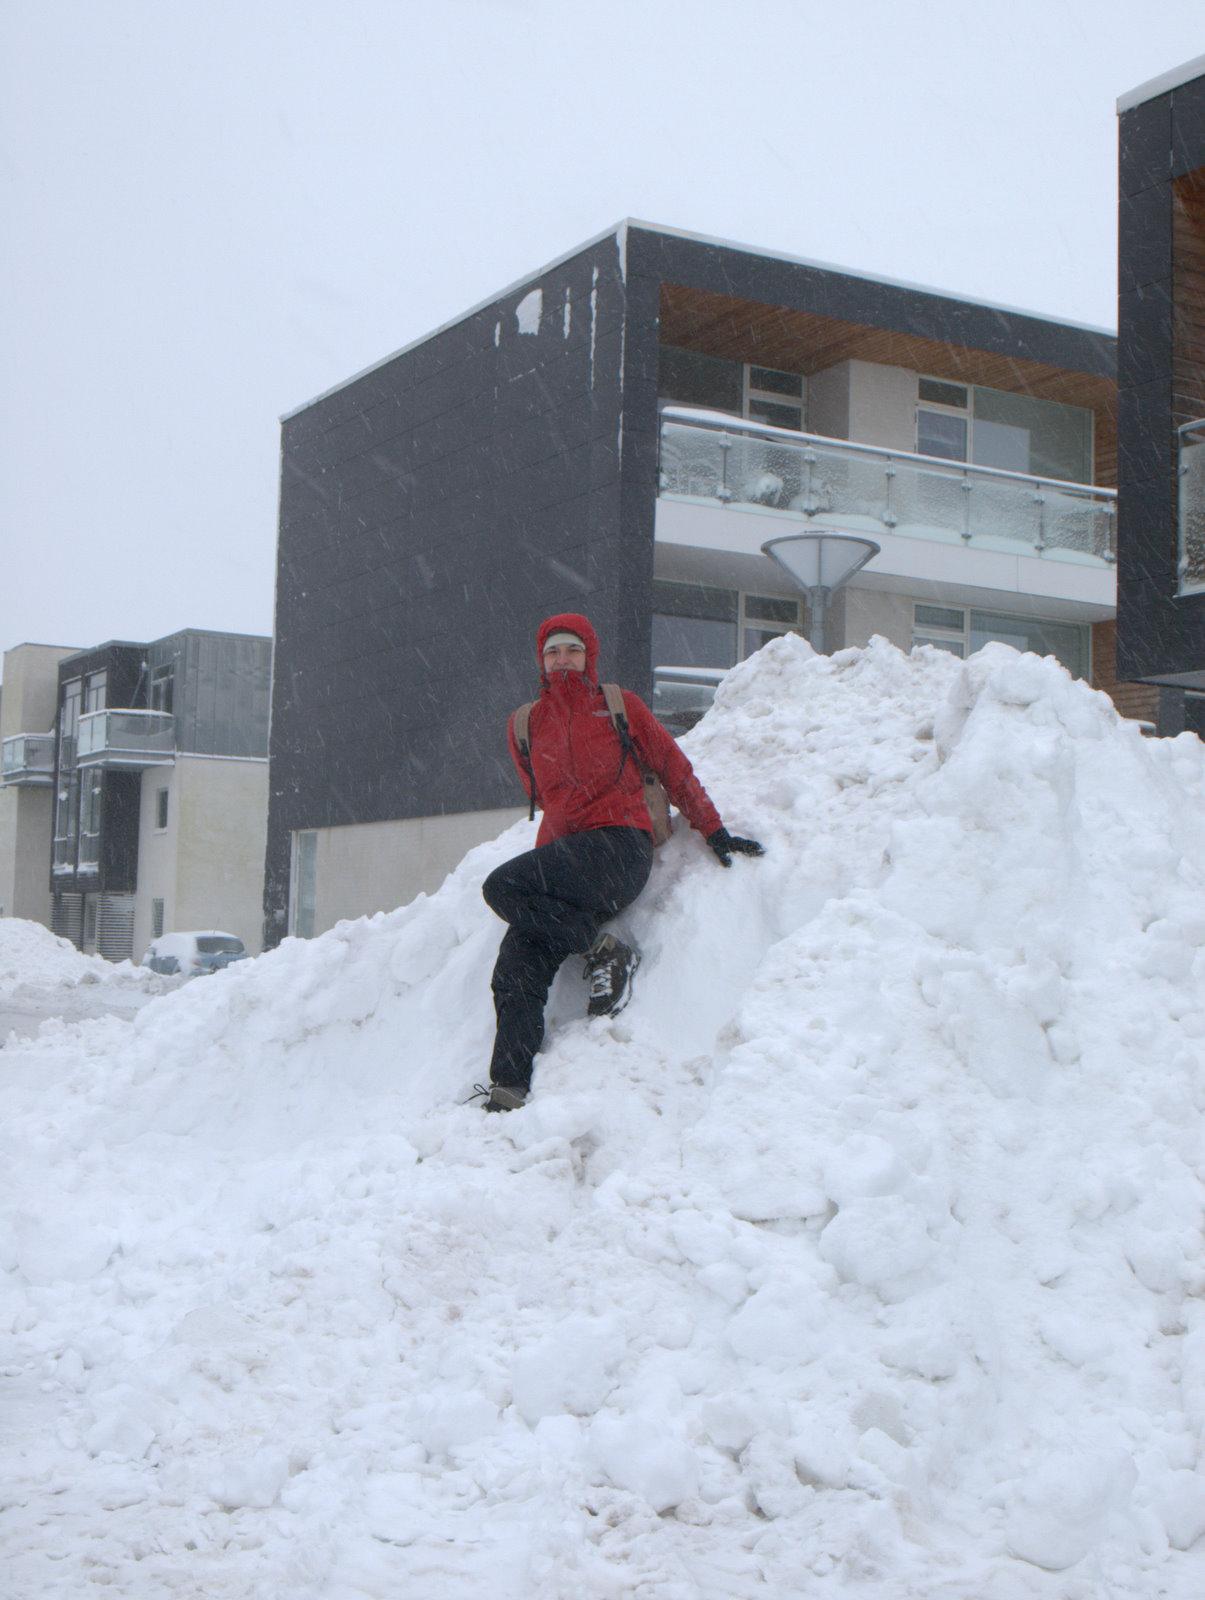 Stor bunke med sne, efter snerydderne har været der; på parkeringspladsen uden for vores lejlighed; man kan lige se vores altan i midten.